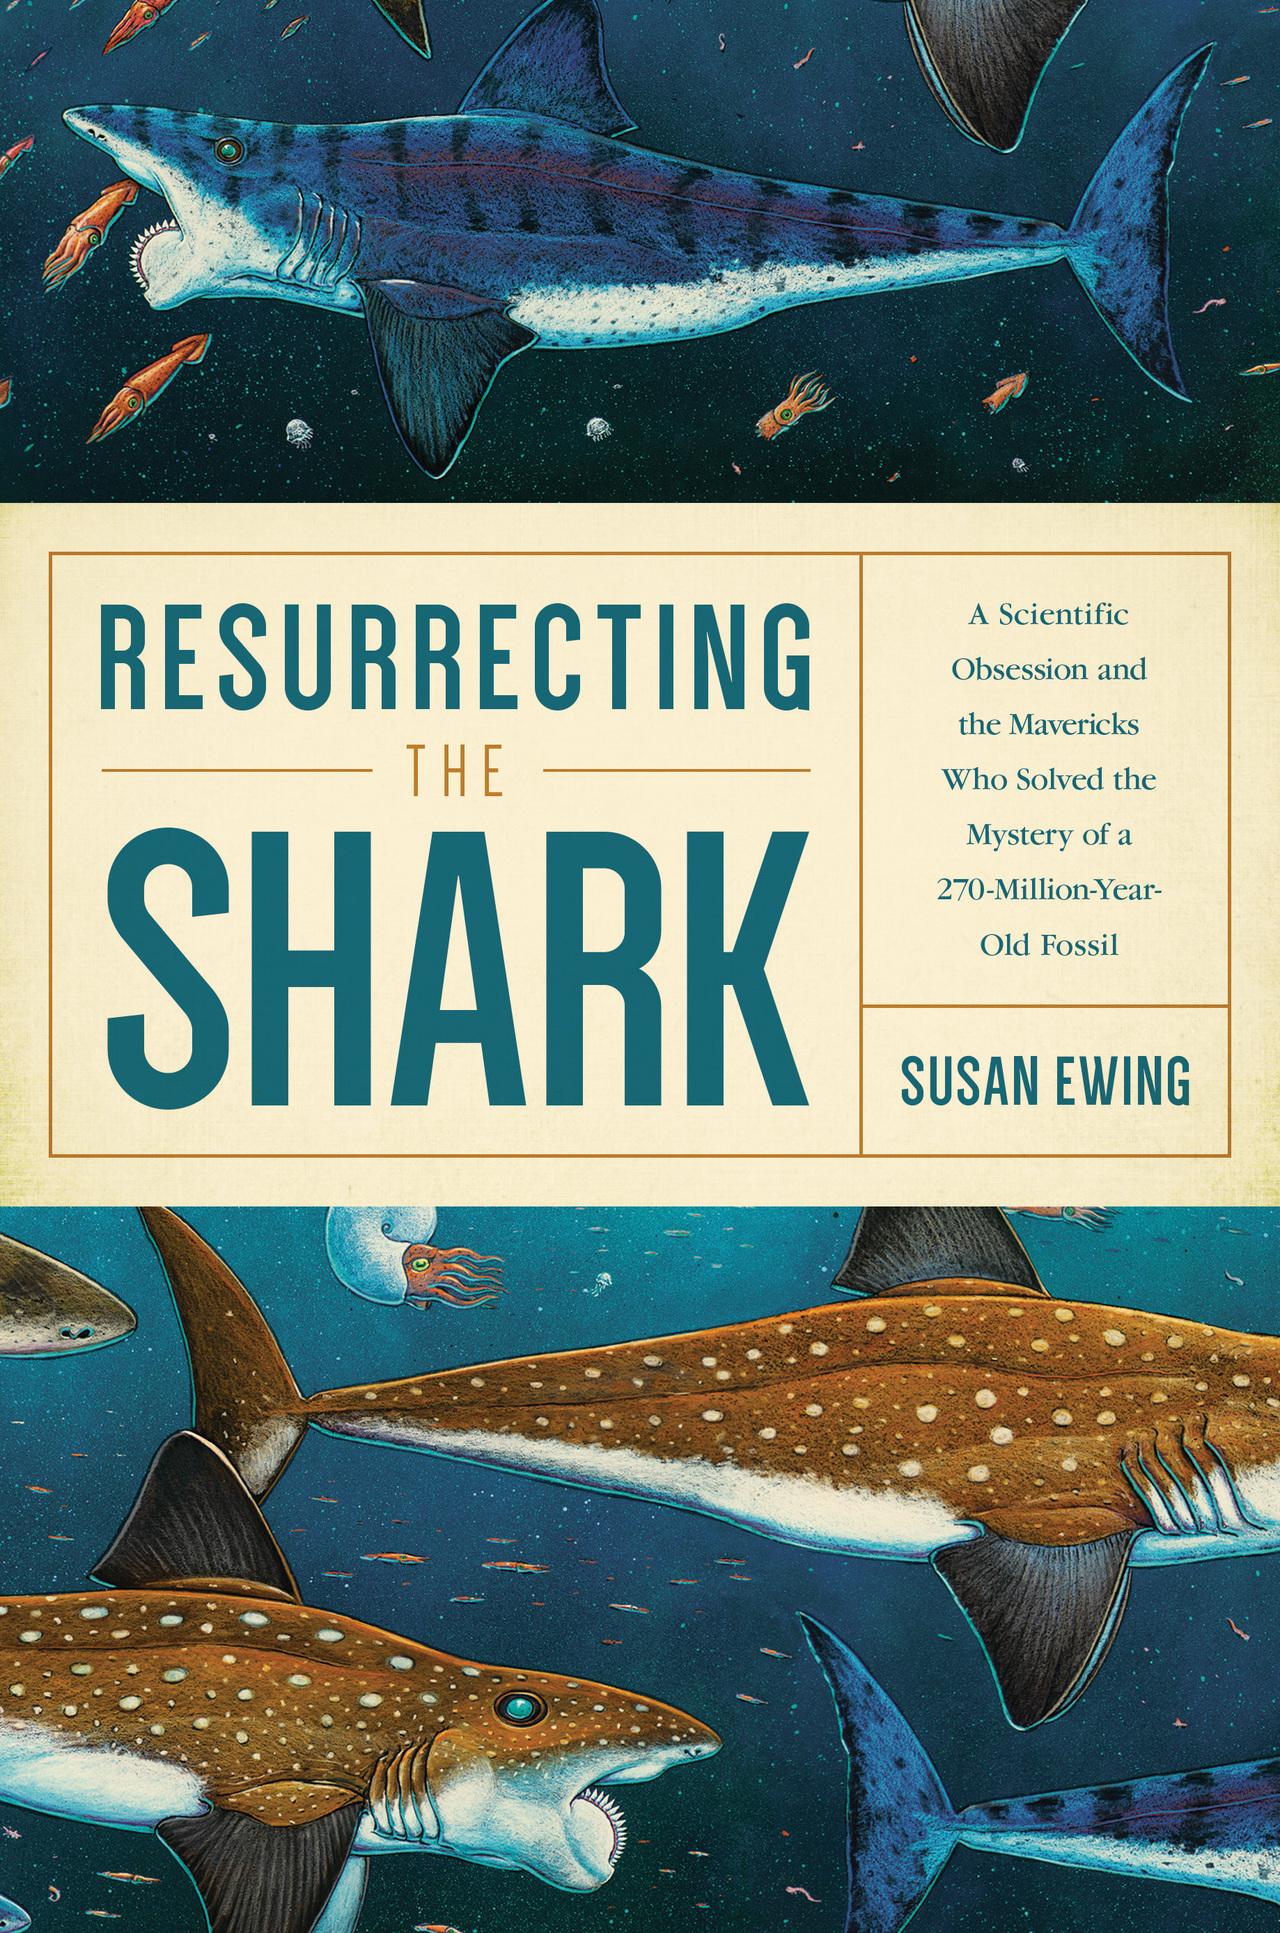 Resurrecting the shark ad copy